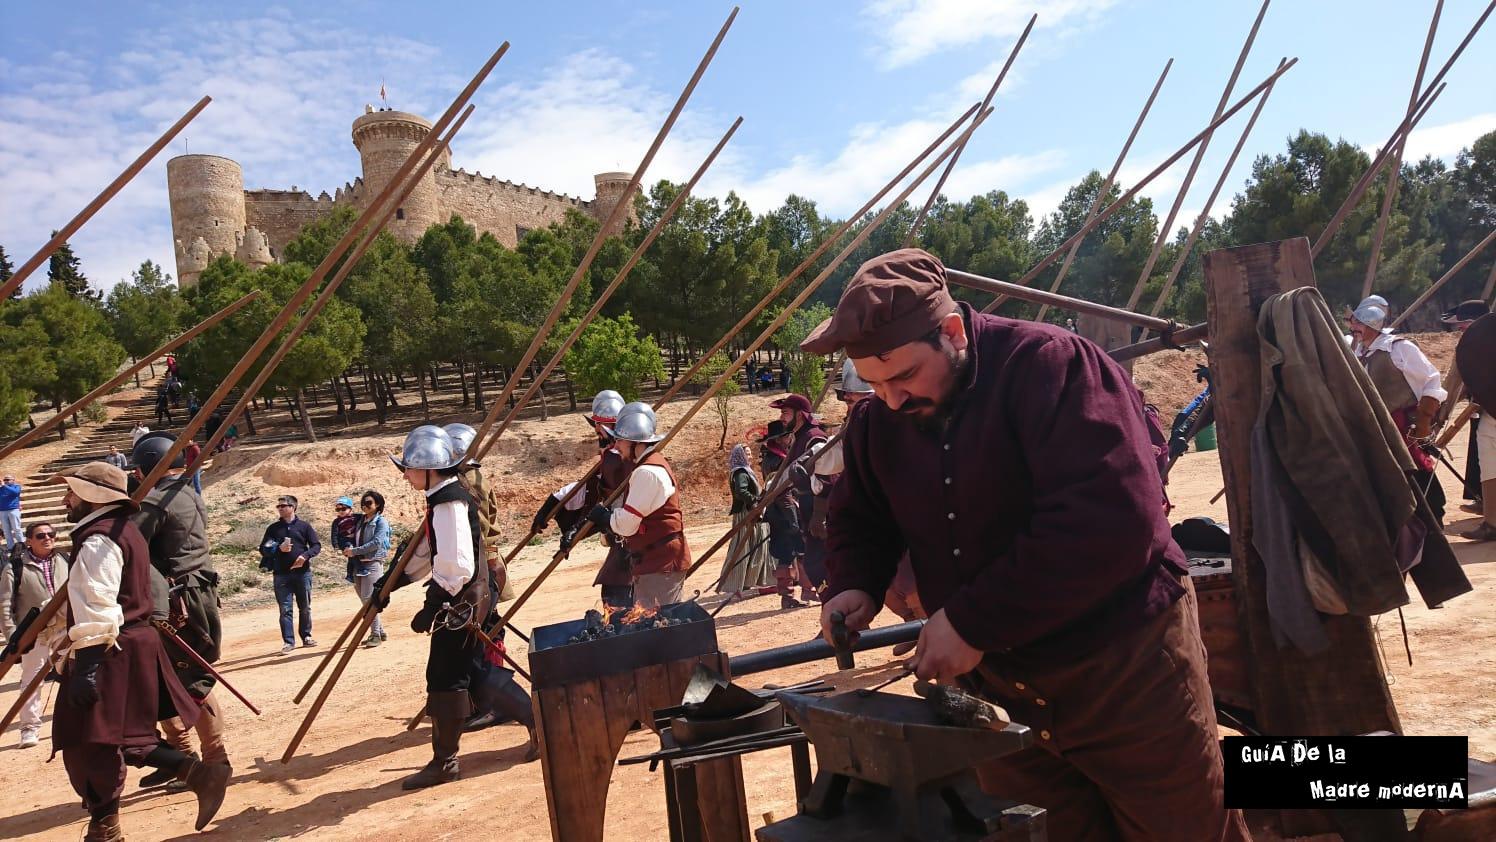 Oficio de herrero en el medievo. ©José Ramón Aguirre